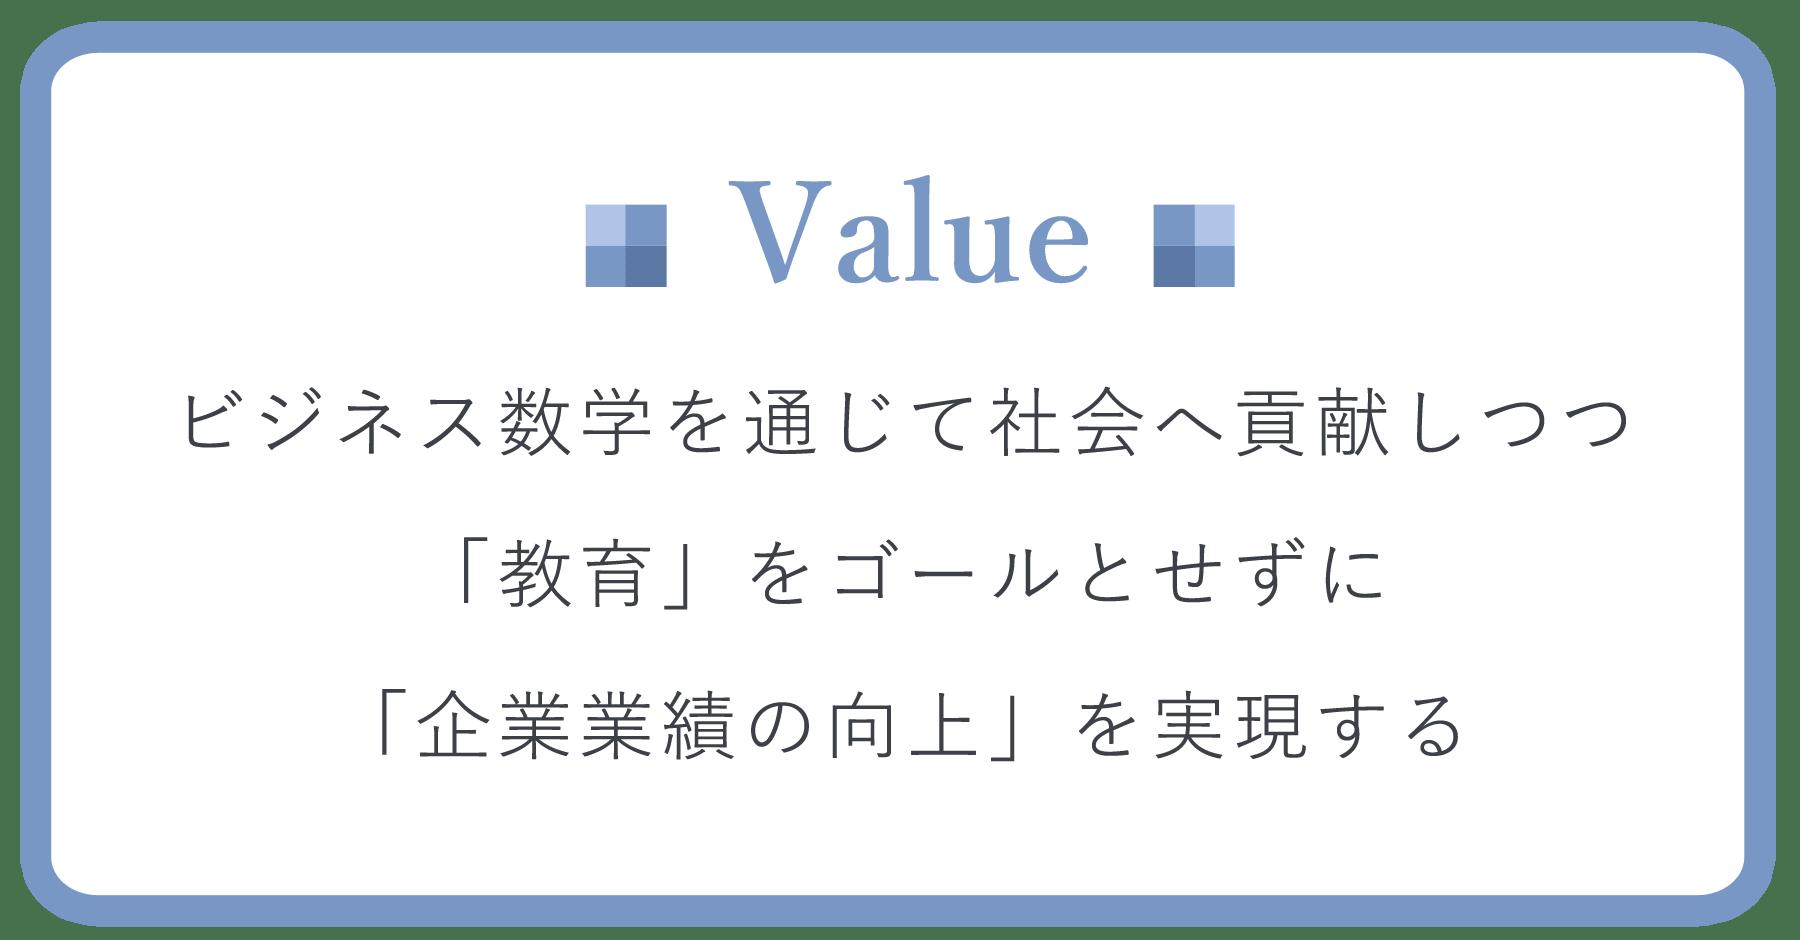 会社方針:VALUE